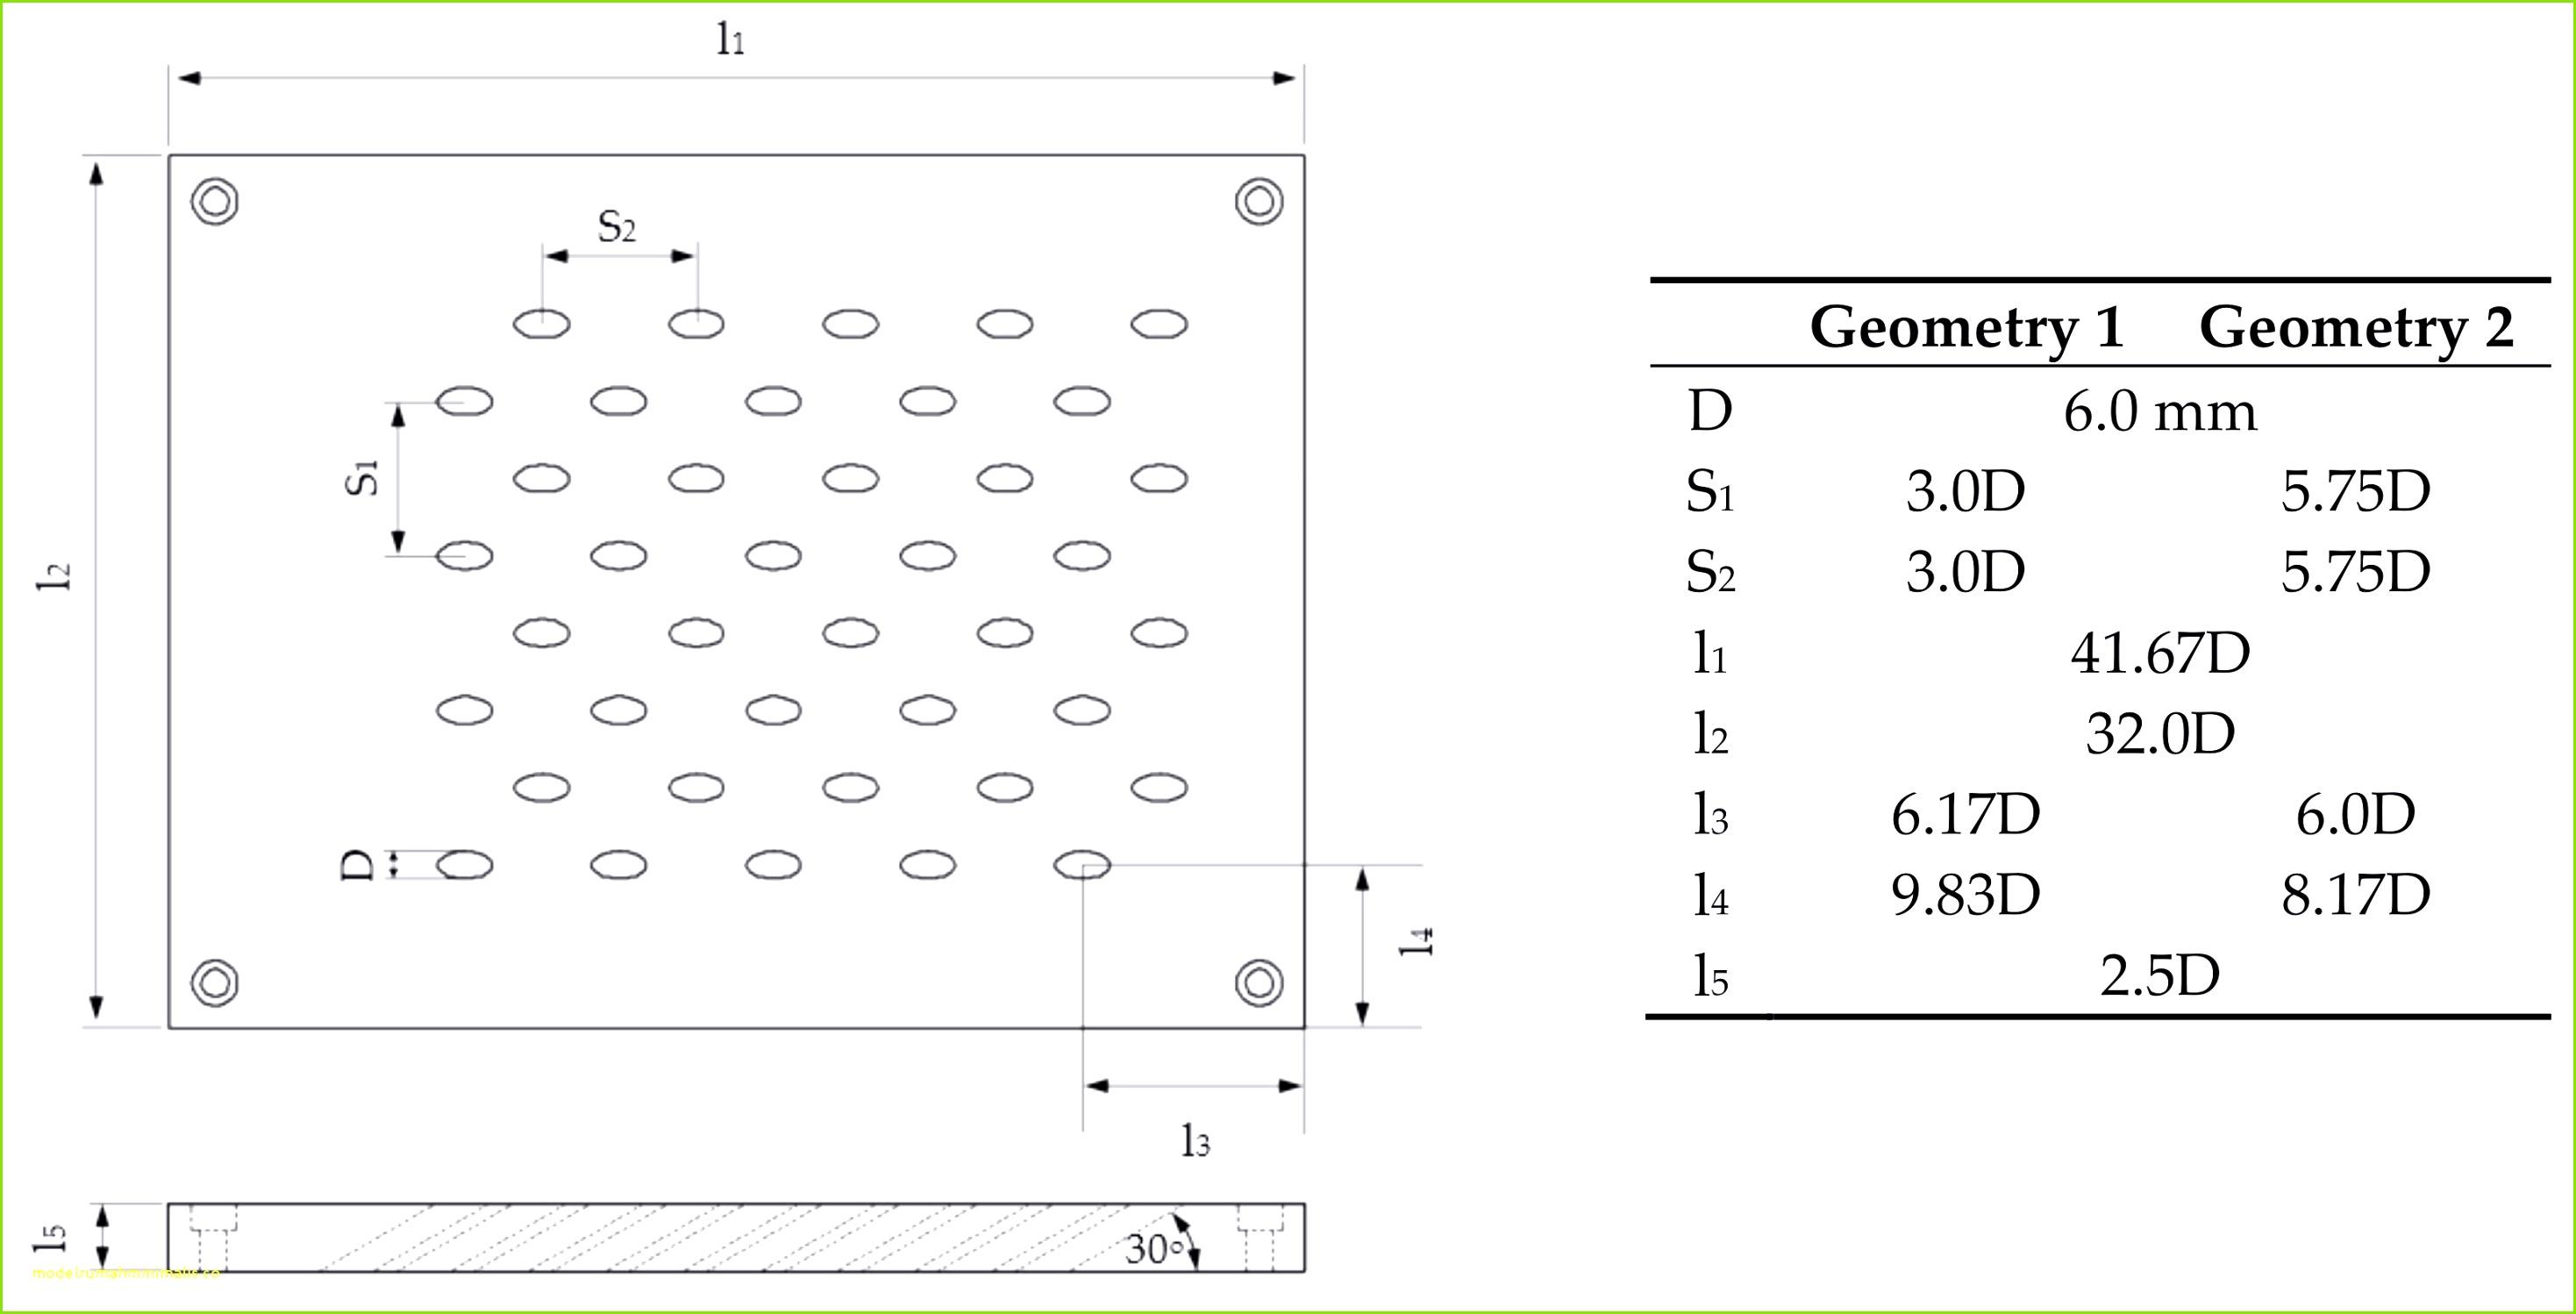 Auswertung Fragebogen Beispiel Elegant Auswertung Fragebogen Excel Oder Entgeltabrechnung Muster